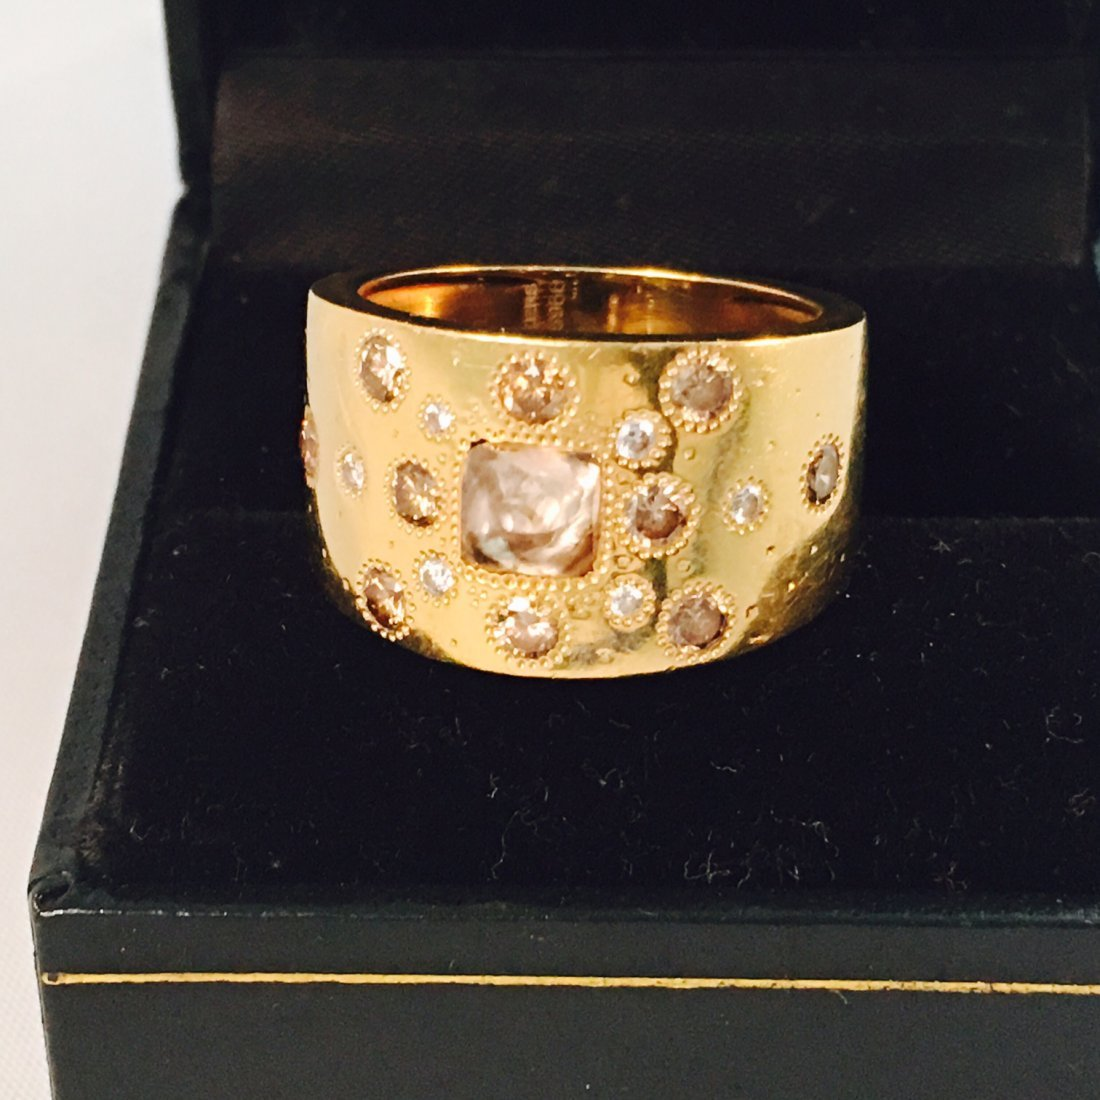 18K GOLD De beers Diamond Ring